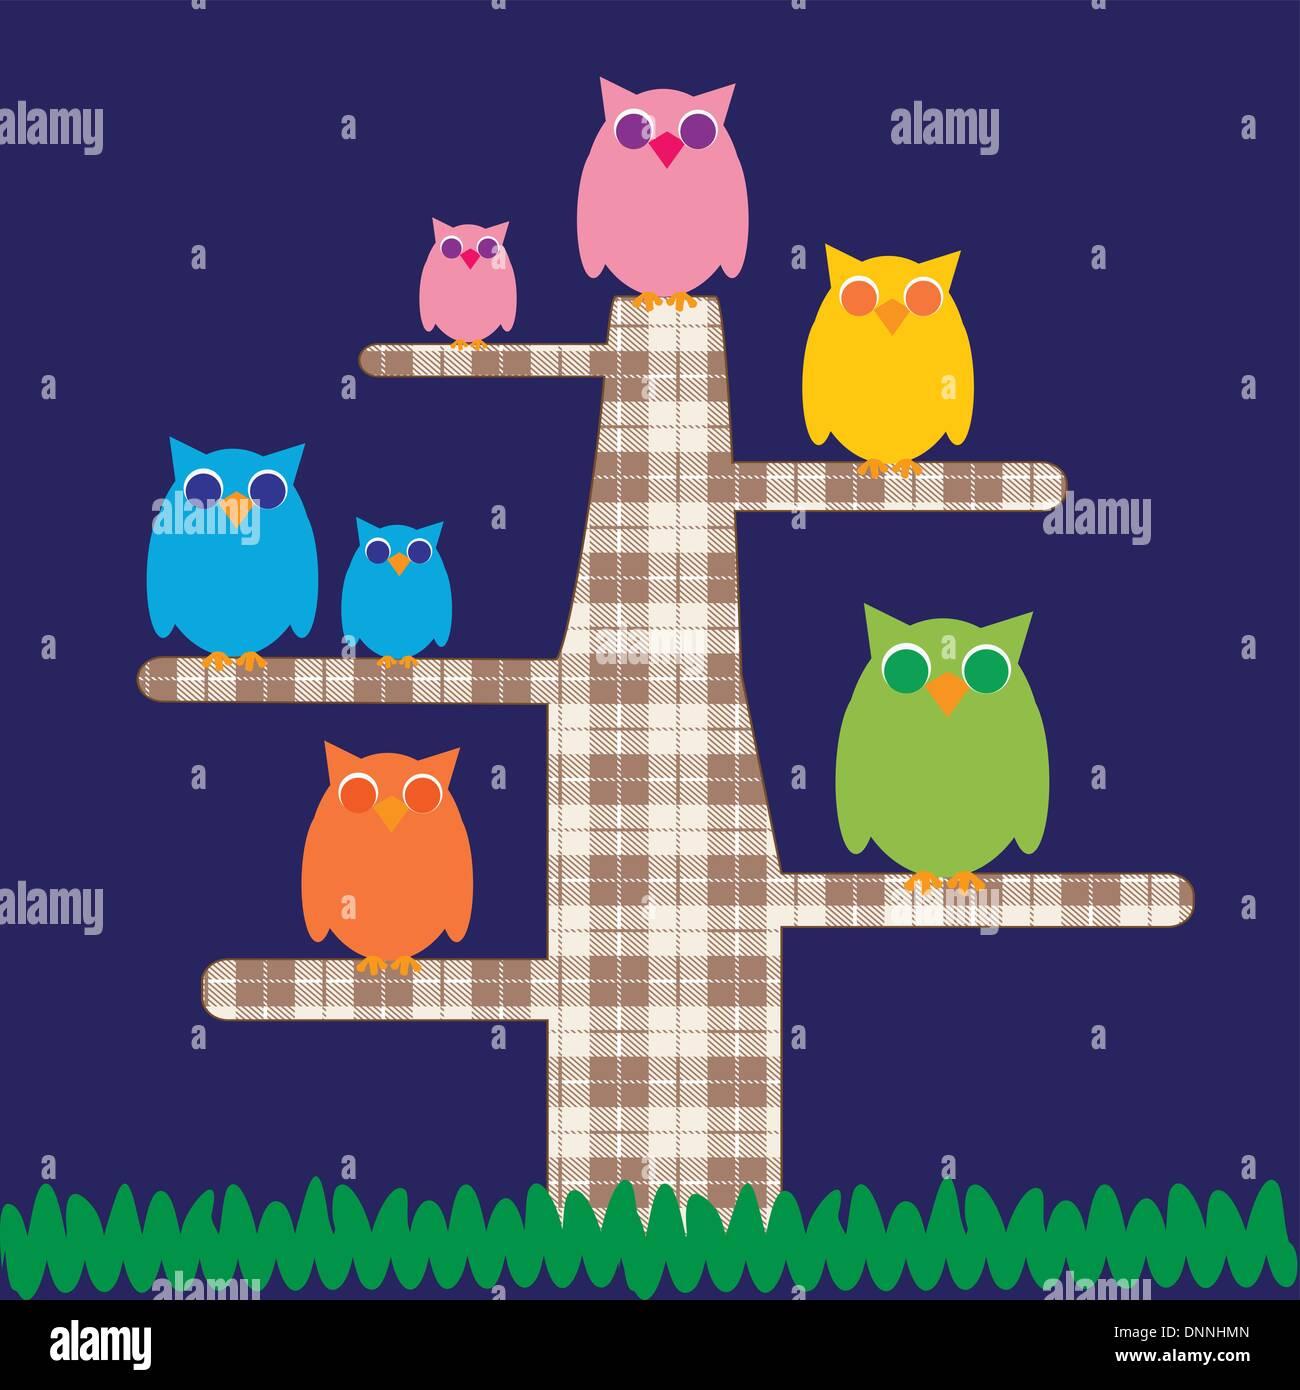 Bonitinha crianças cartoon com árvore e proprietária Imagens de Stock